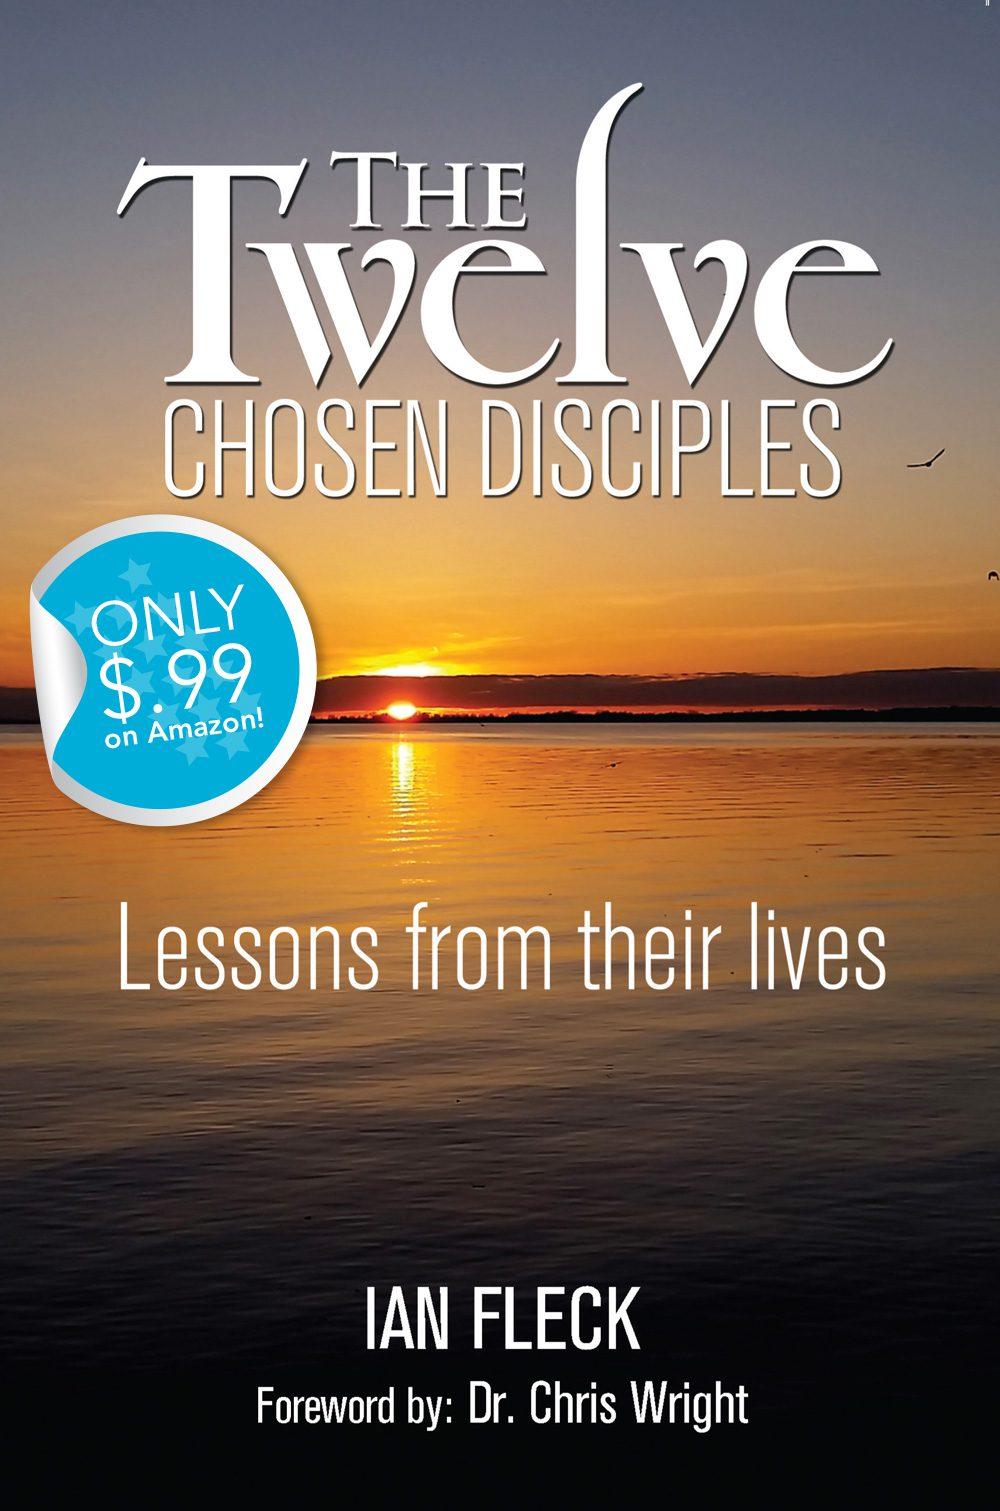 The Twelve Chosen Disciples Kindle Sale